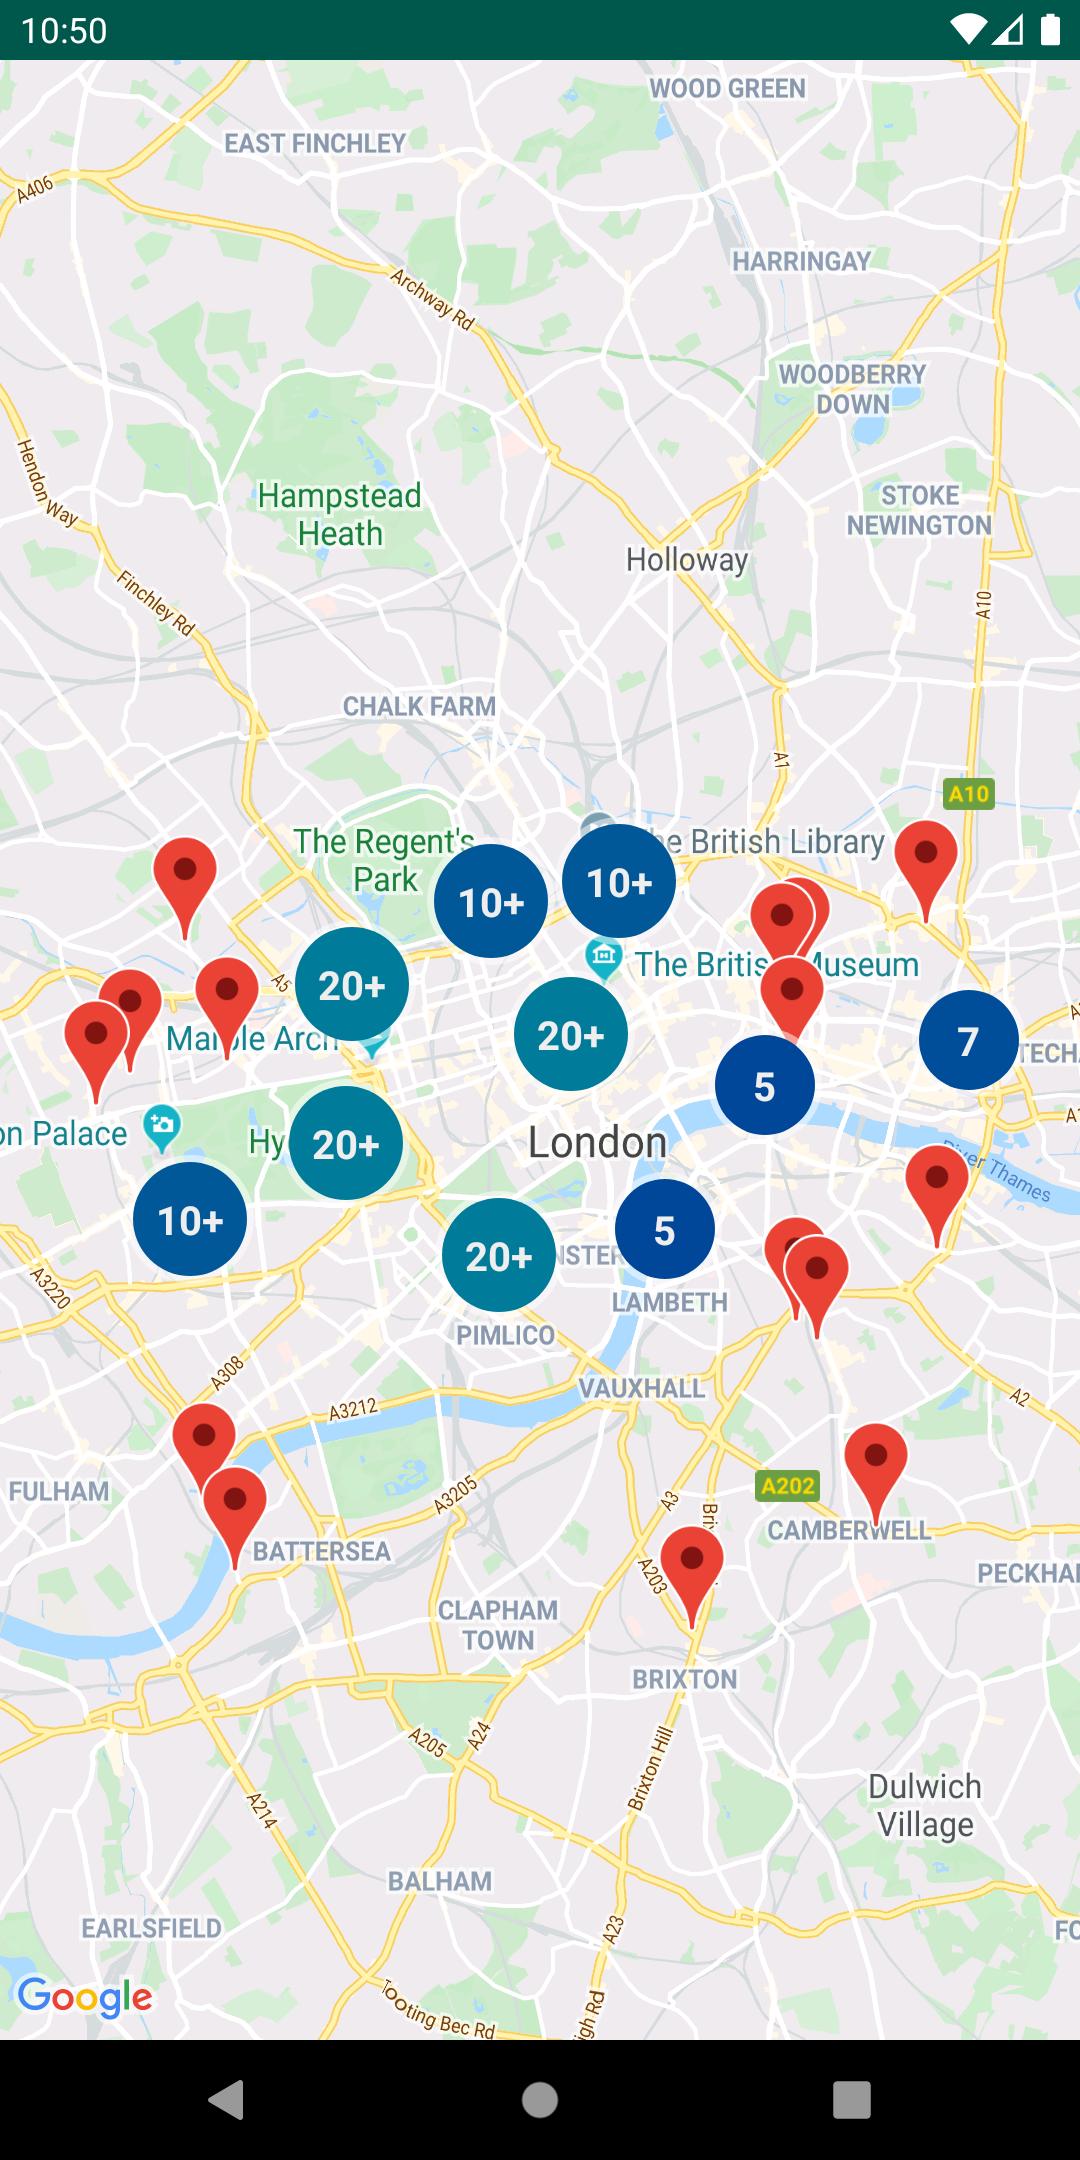 Карта с кластеризованными маркерами